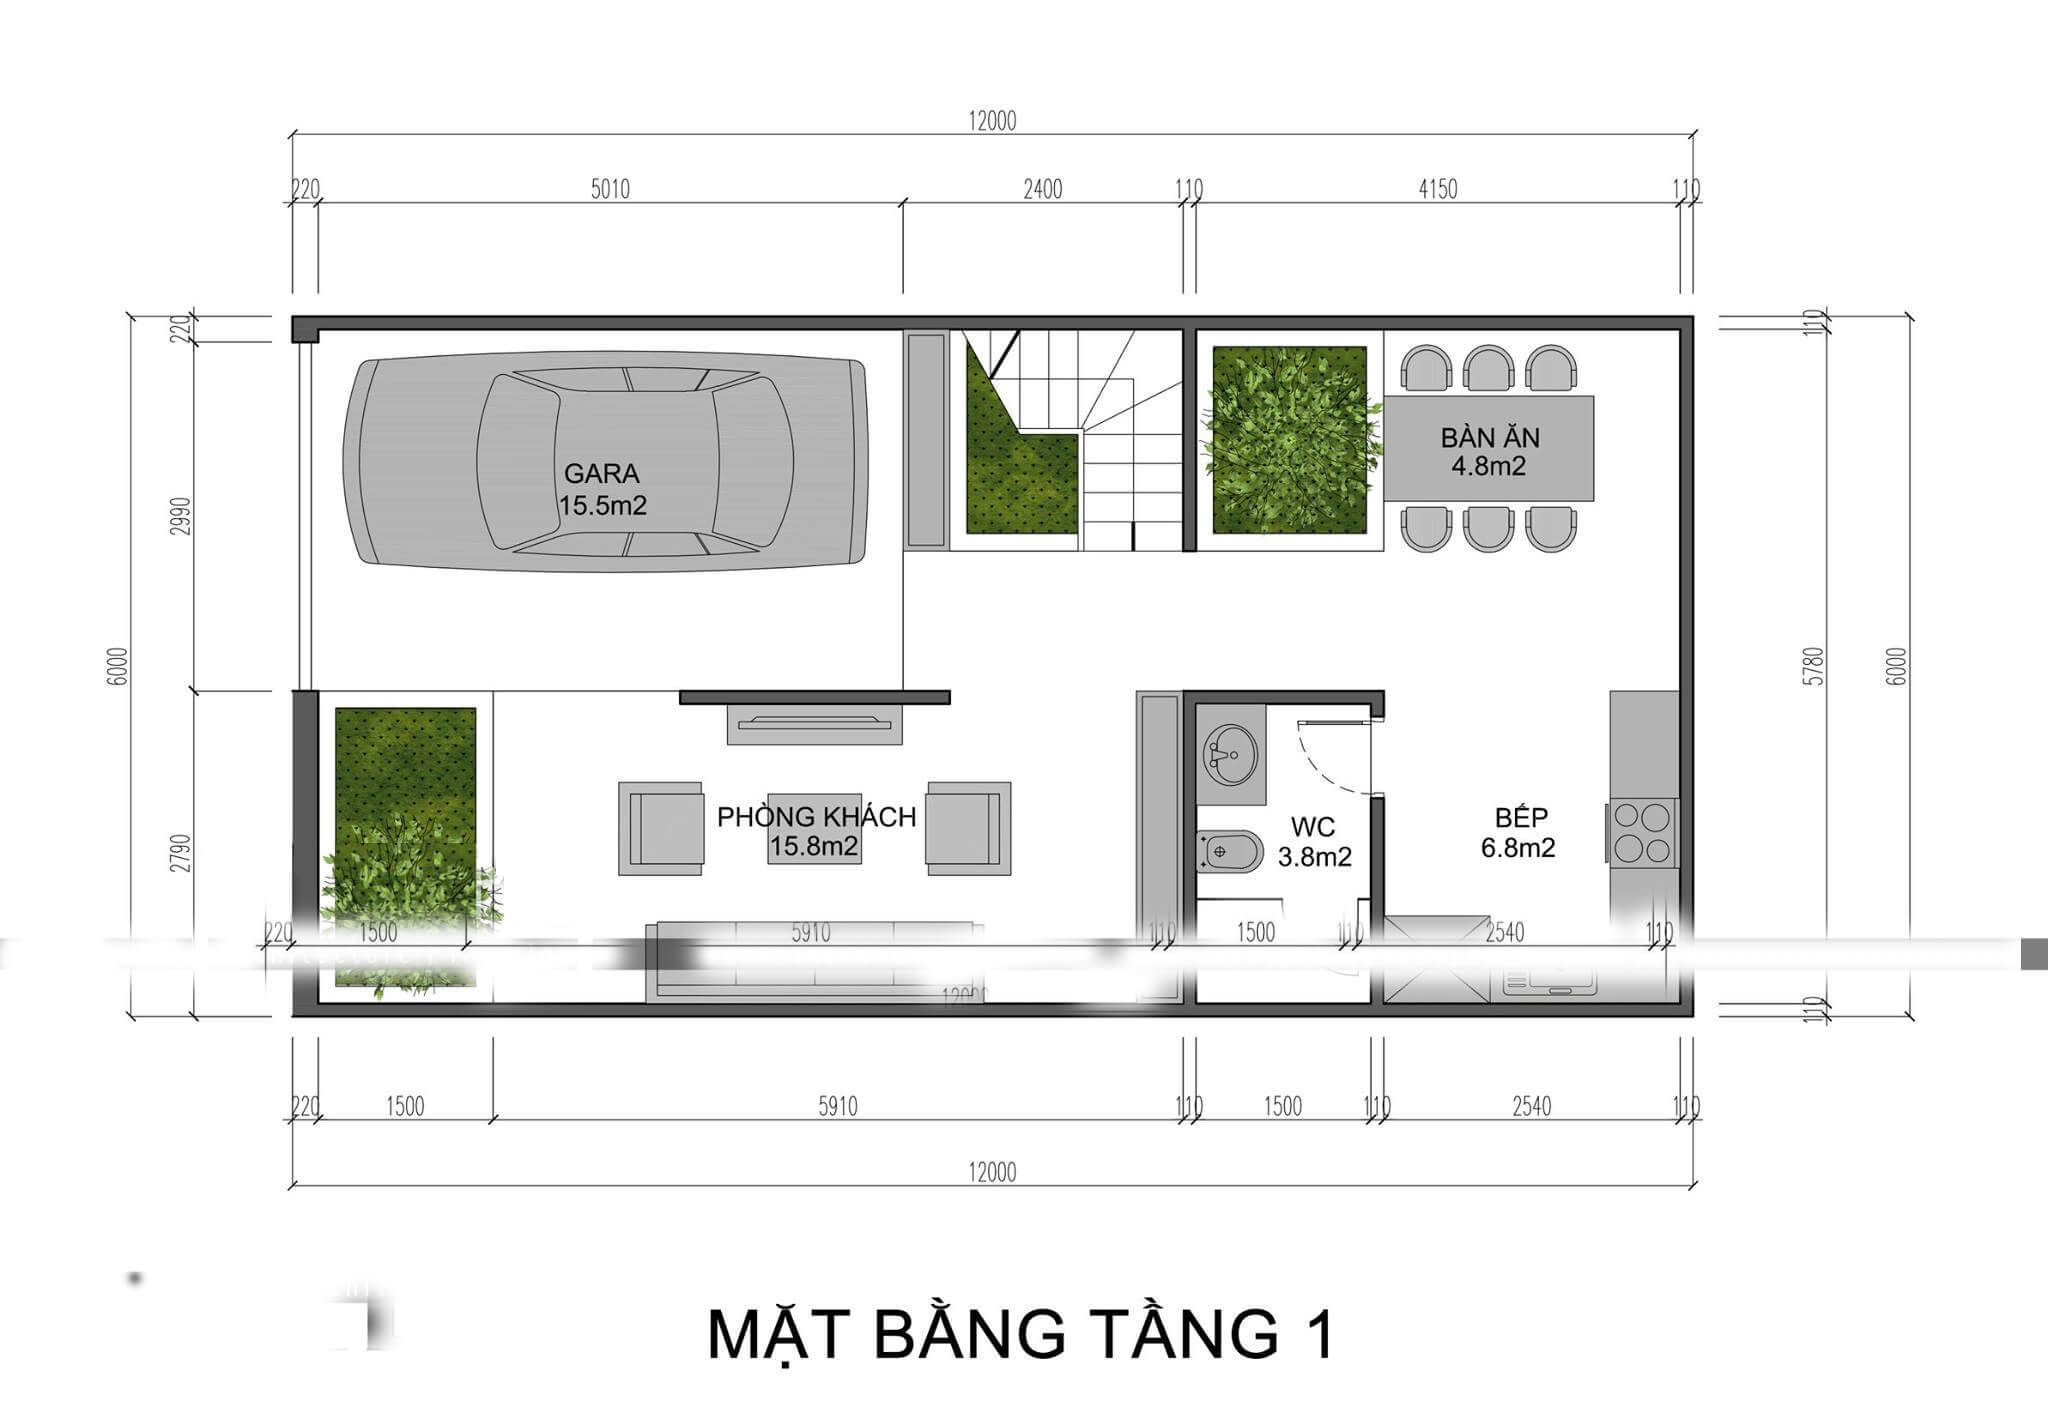 mẫu thiết kế nhà phố 3 tầng 6x12m 3